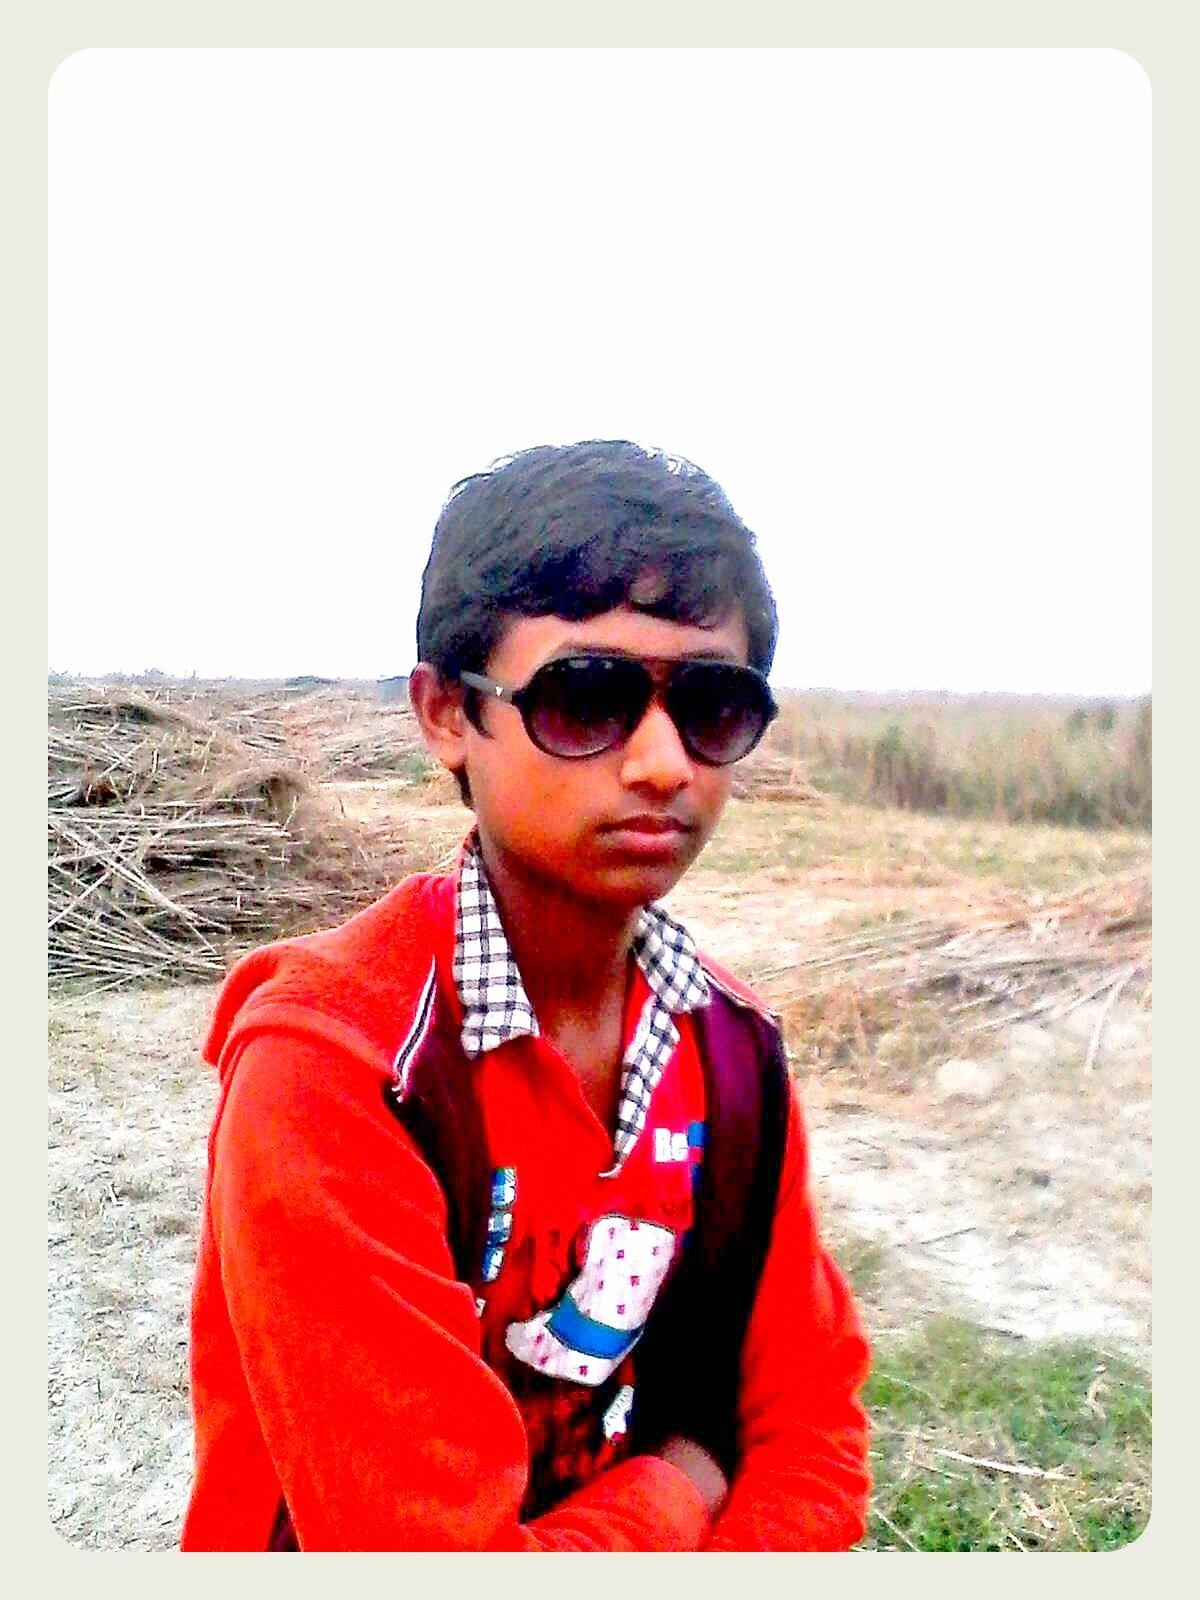 Ozahid